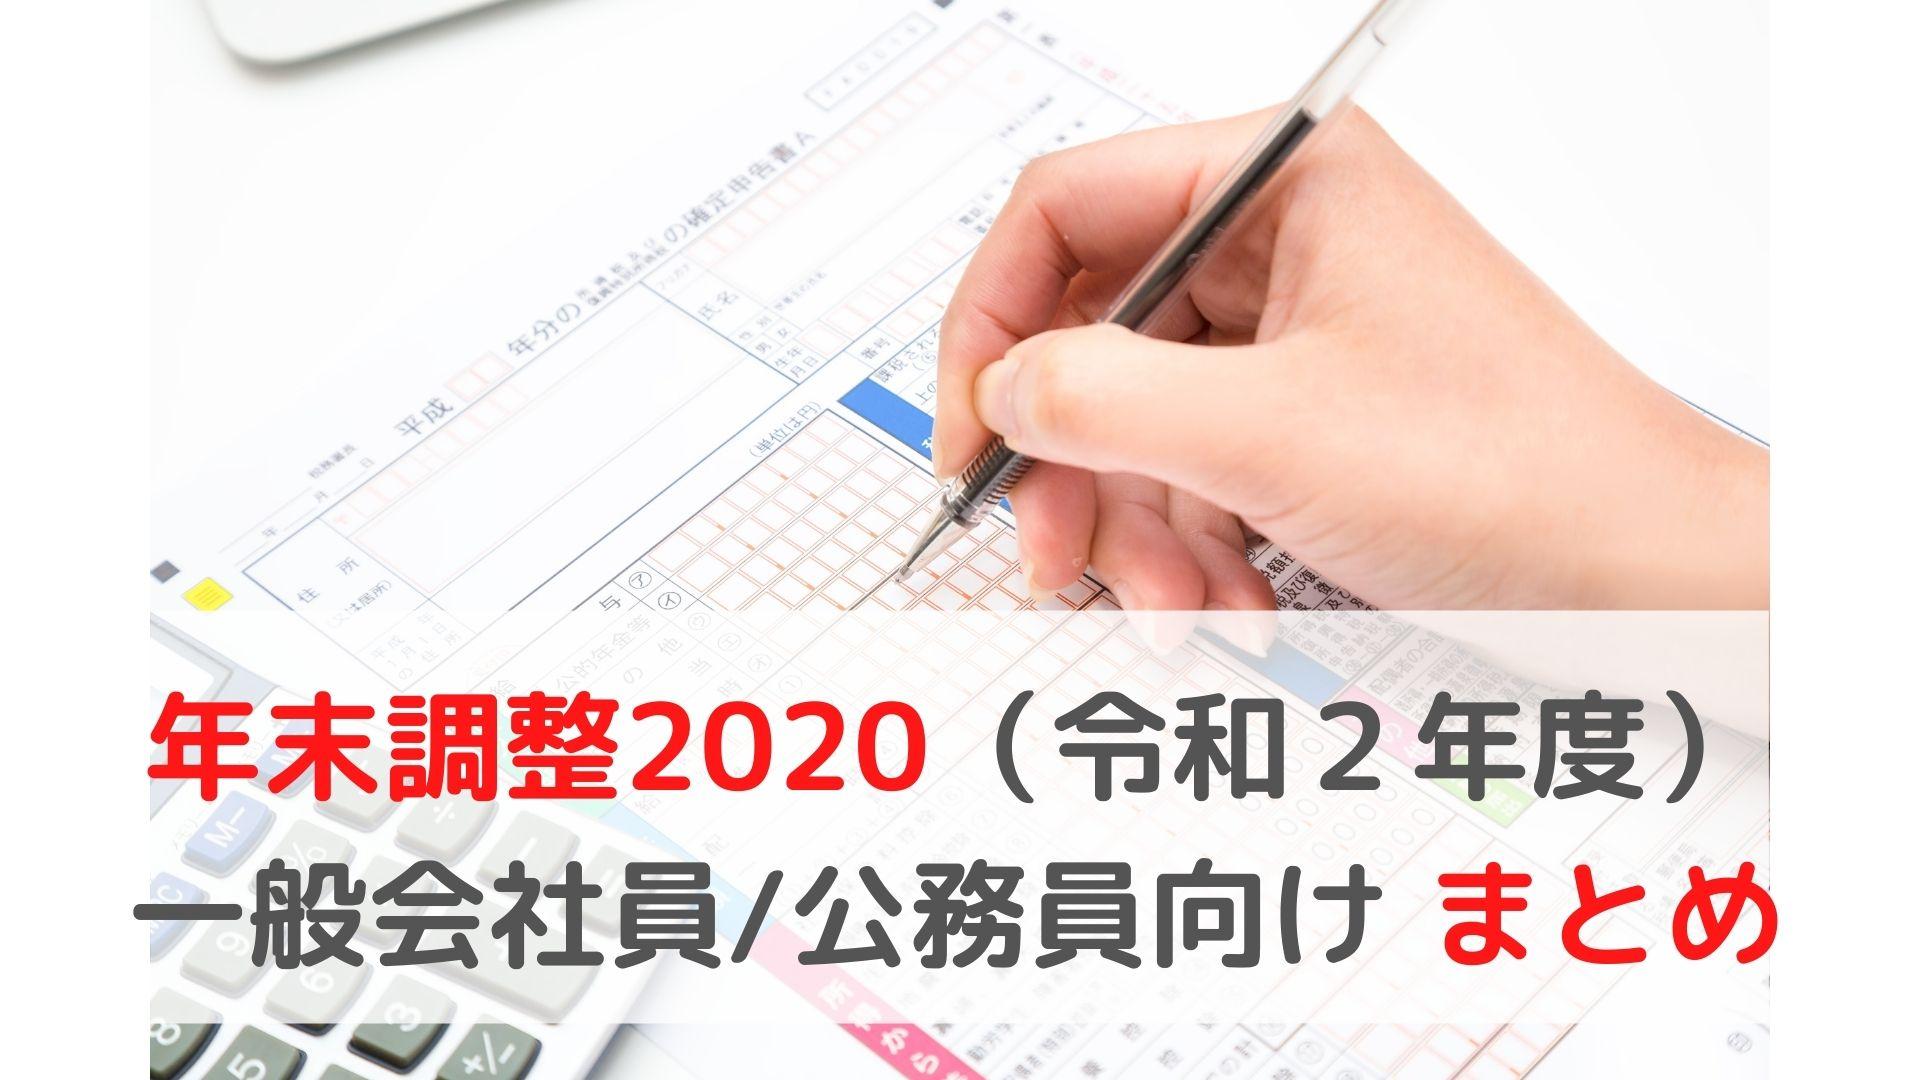 年末調整2020(令和2年度) 一般会社員_公務員向け まとめ